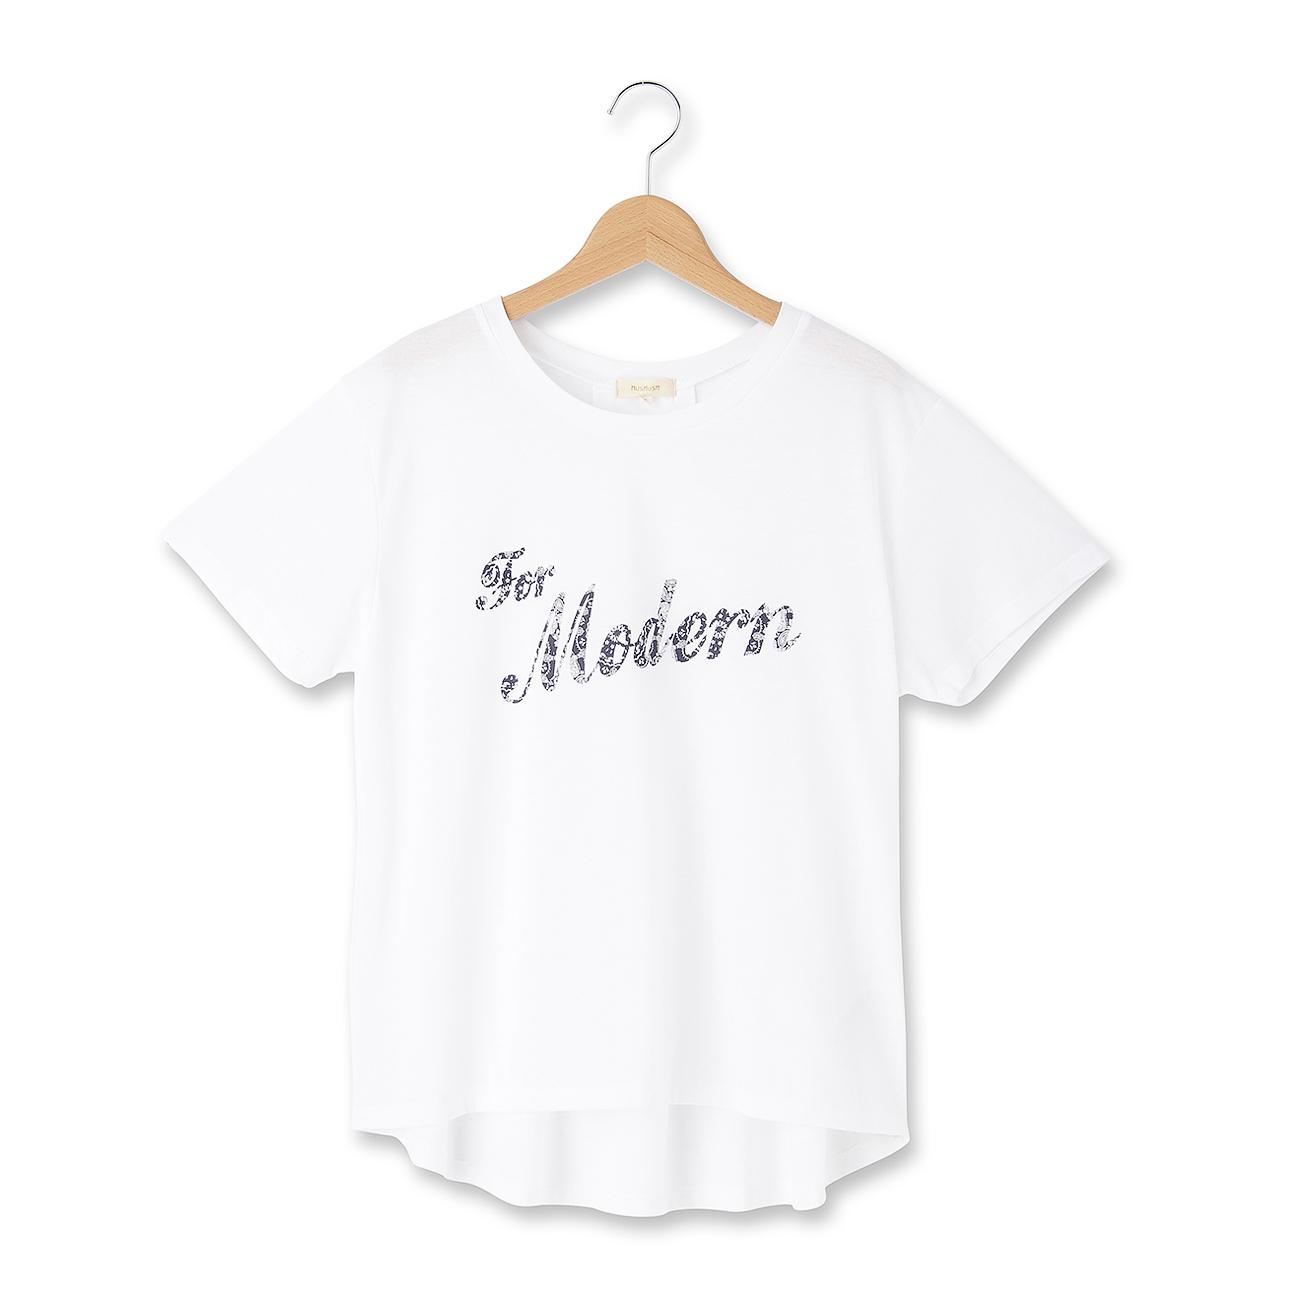 【HusHusH (ハッシュアッシュ)】◆ペイズリーロゴTシャツレディース トップス|カットソー・Tシャツ ホワイト